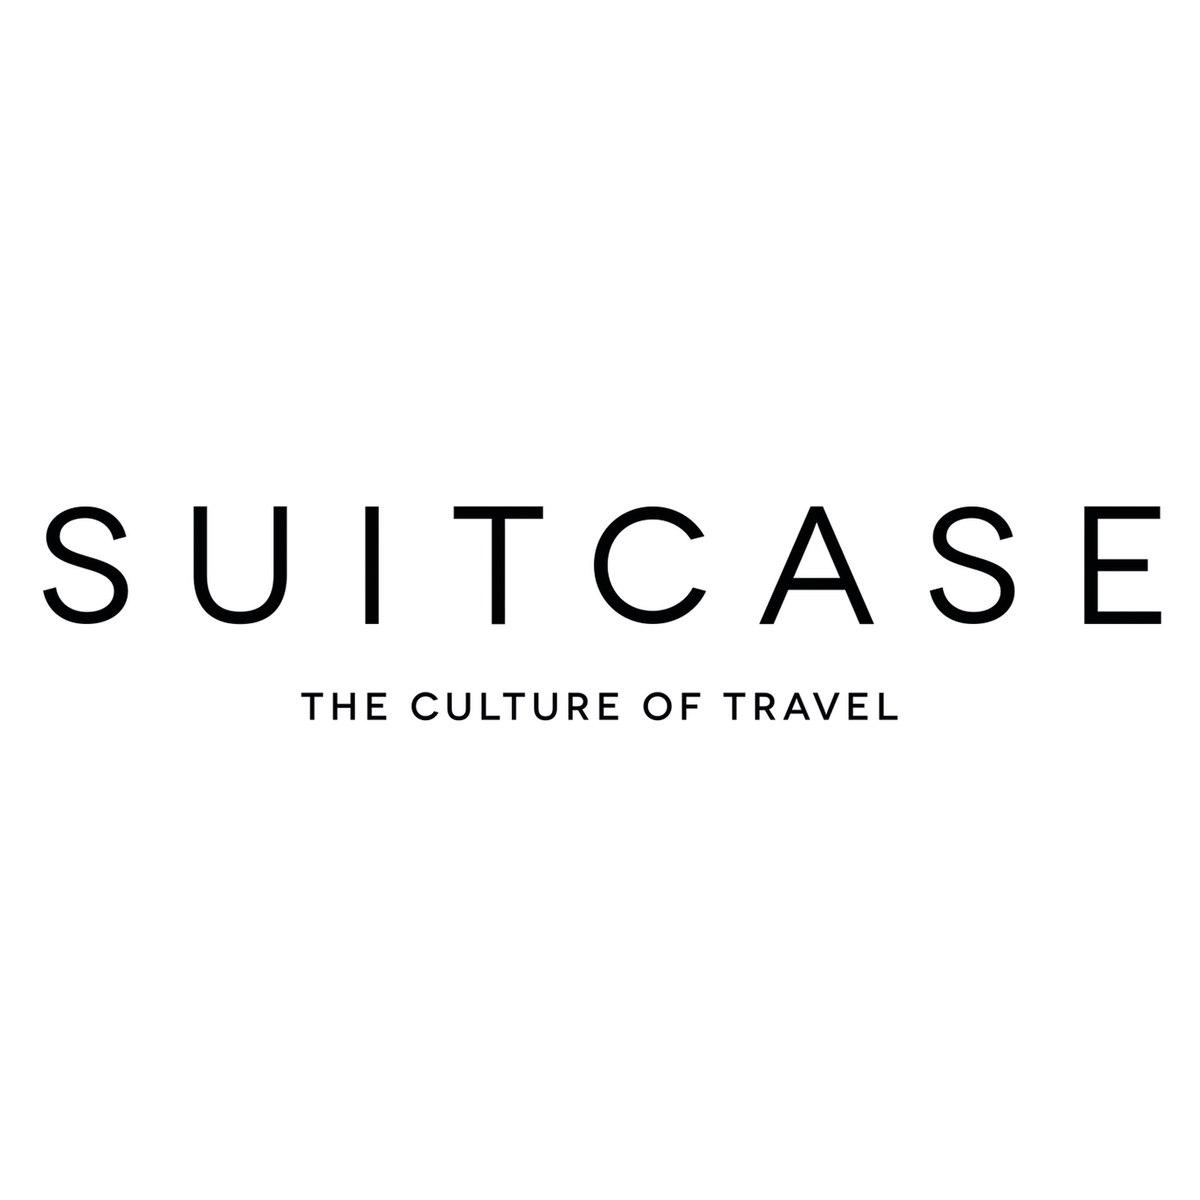 Travel Agency Website >> Suitcase (magazine) - Wikipedia